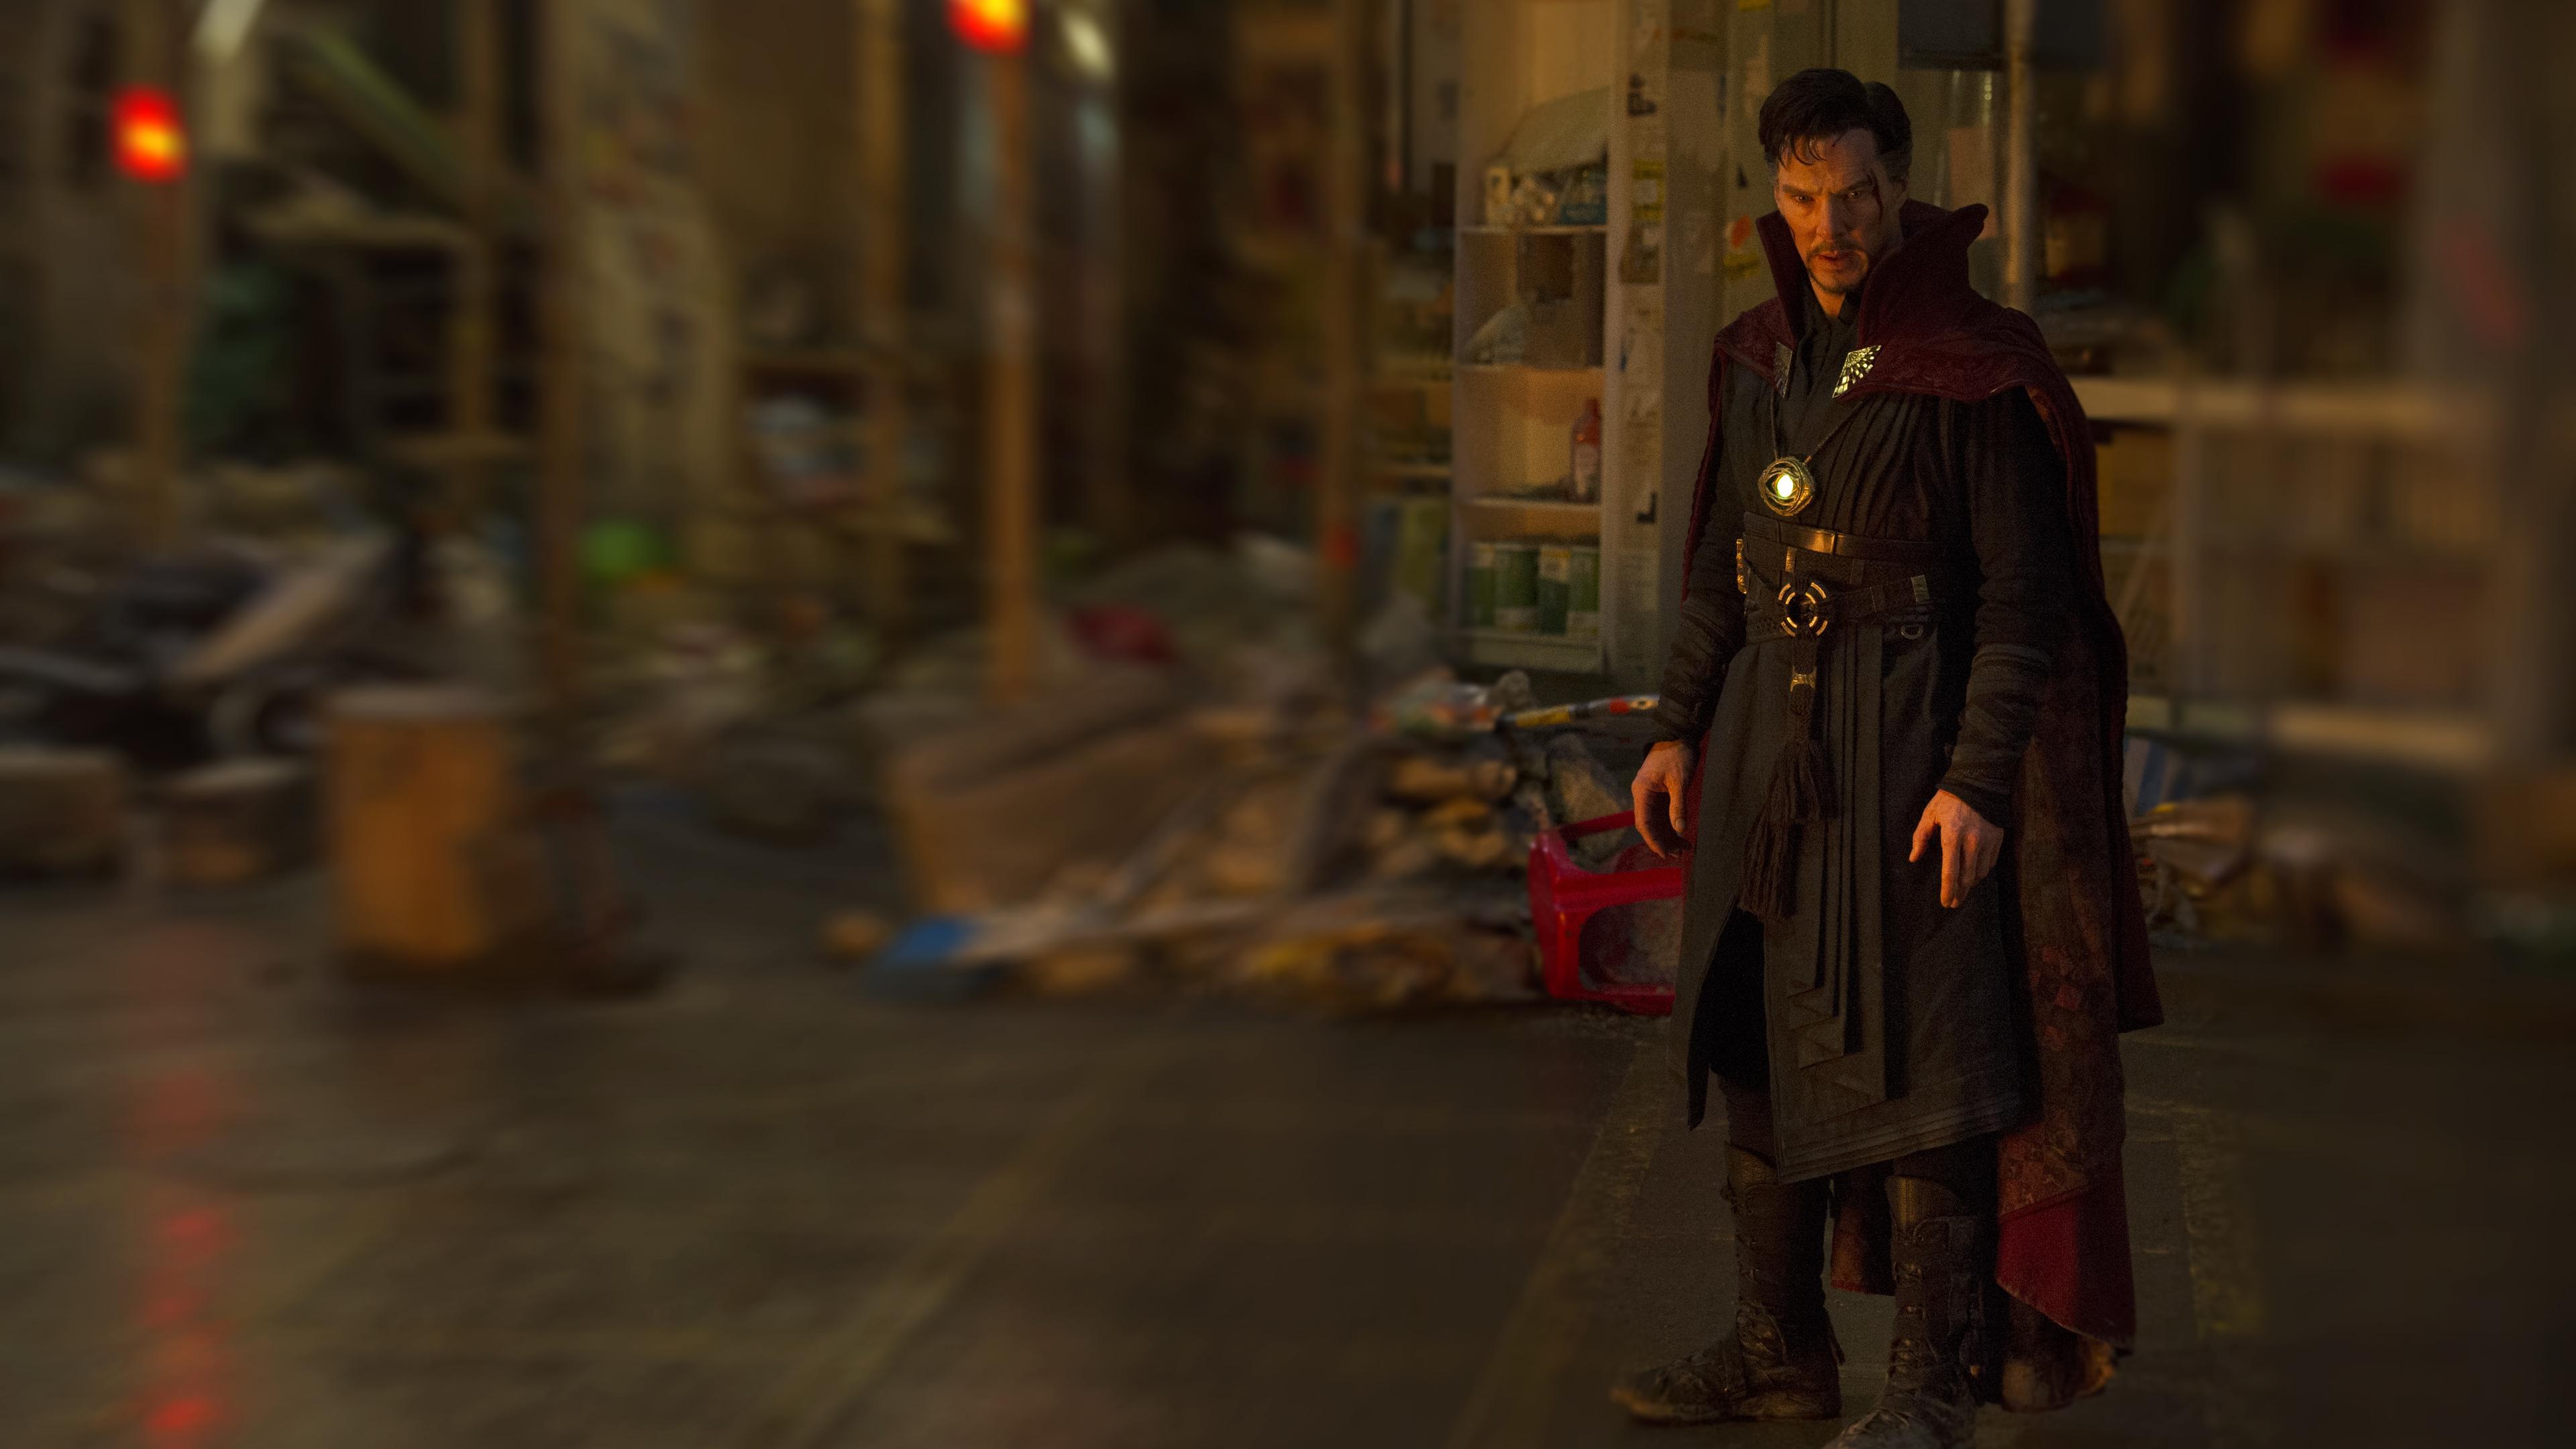 benedict cumberbatch in doctor strange 1536400347 - Benedict Cumberbatch In Doctor Strange - movies wallpapers, marvel wallpapers, doctor strange wallpapers, beneduct cumberbatch wallpapers, 2016 movies wallpapers